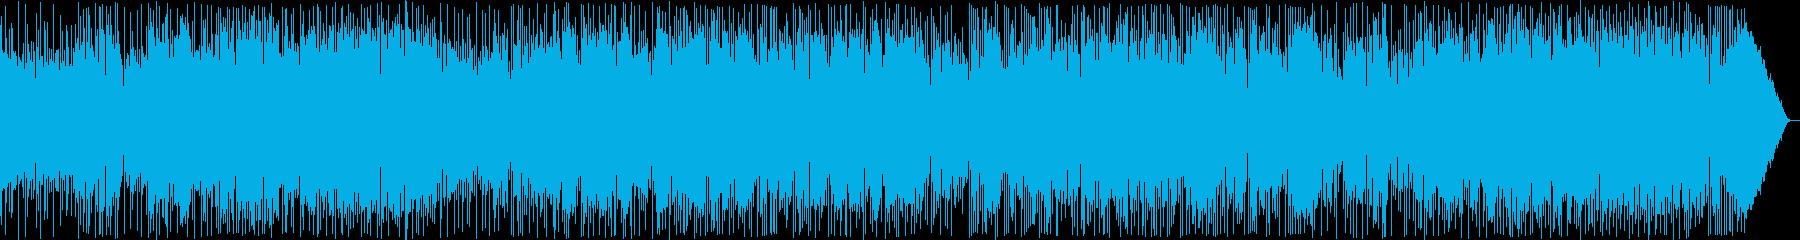 しっとり感のシンセ・ギターボサノヴァ系の再生済みの波形